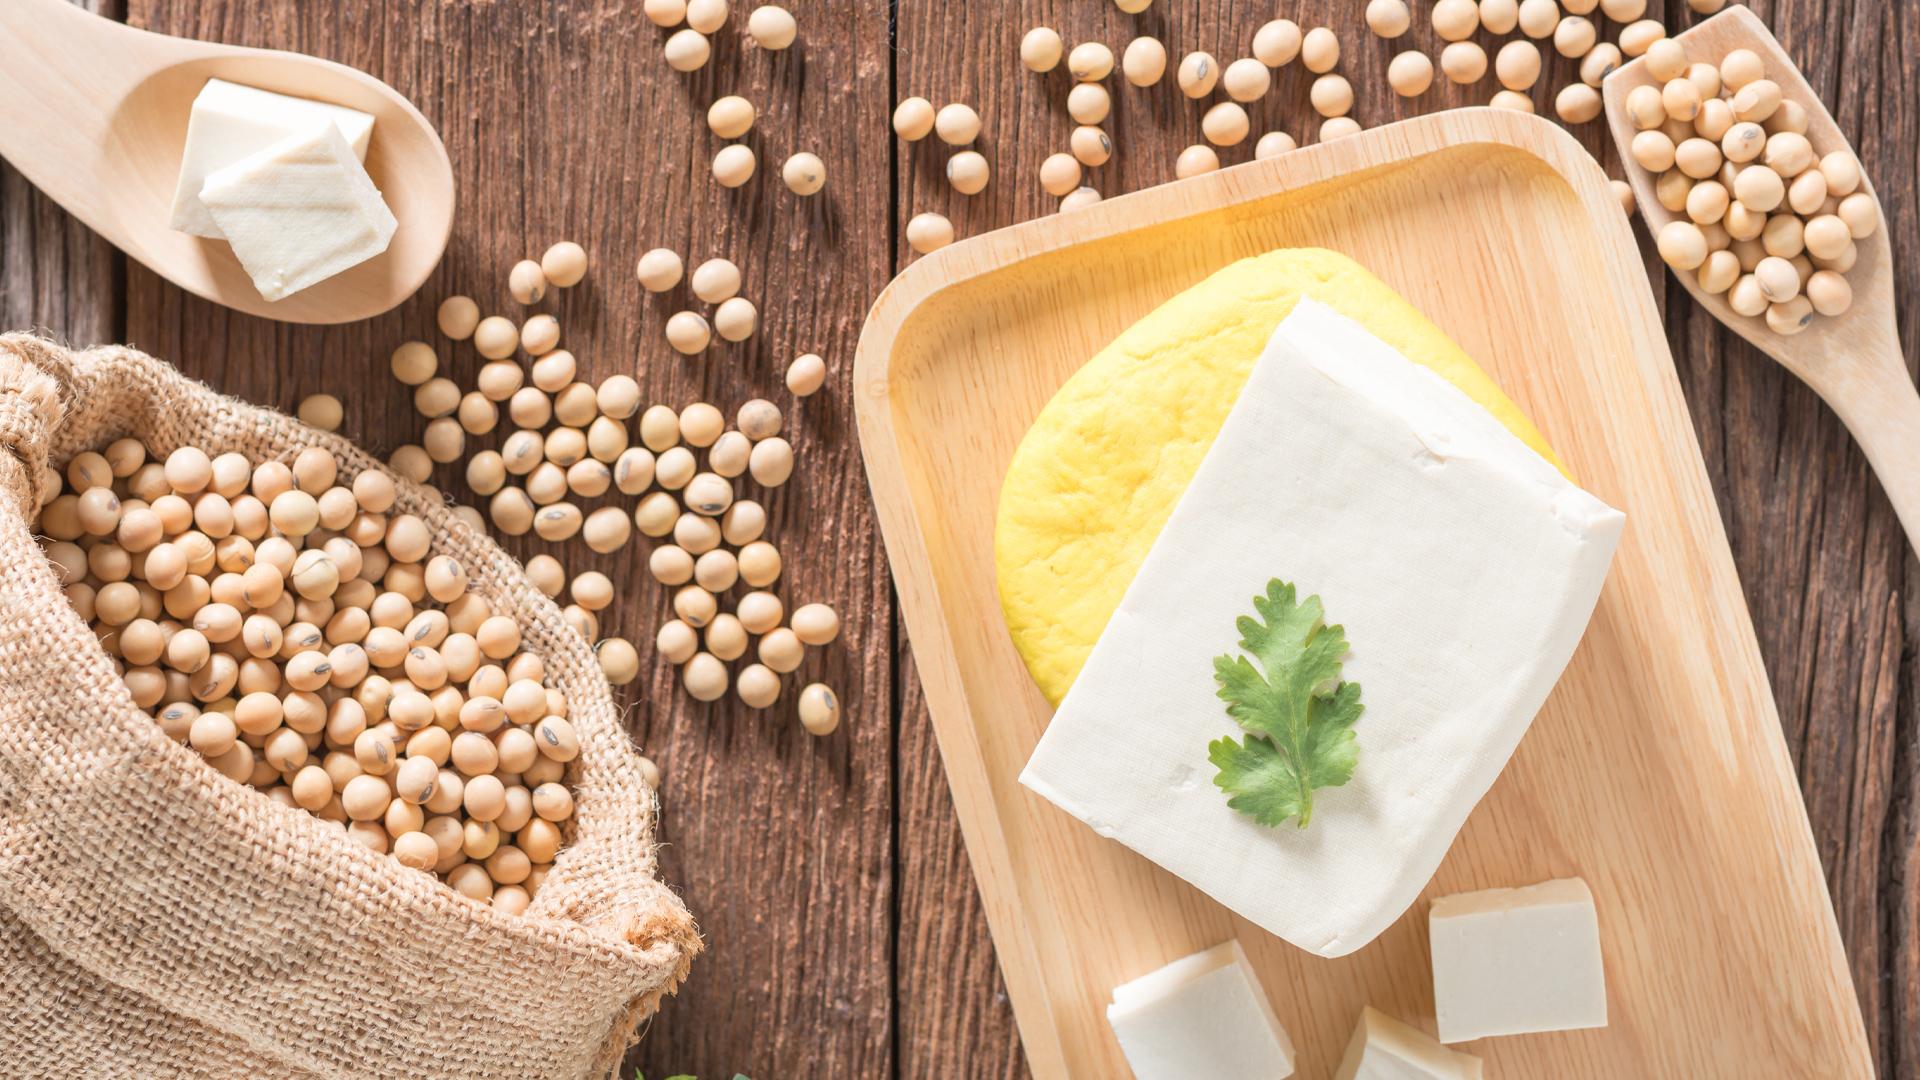 Cách ăn đậu phụ giảm cân